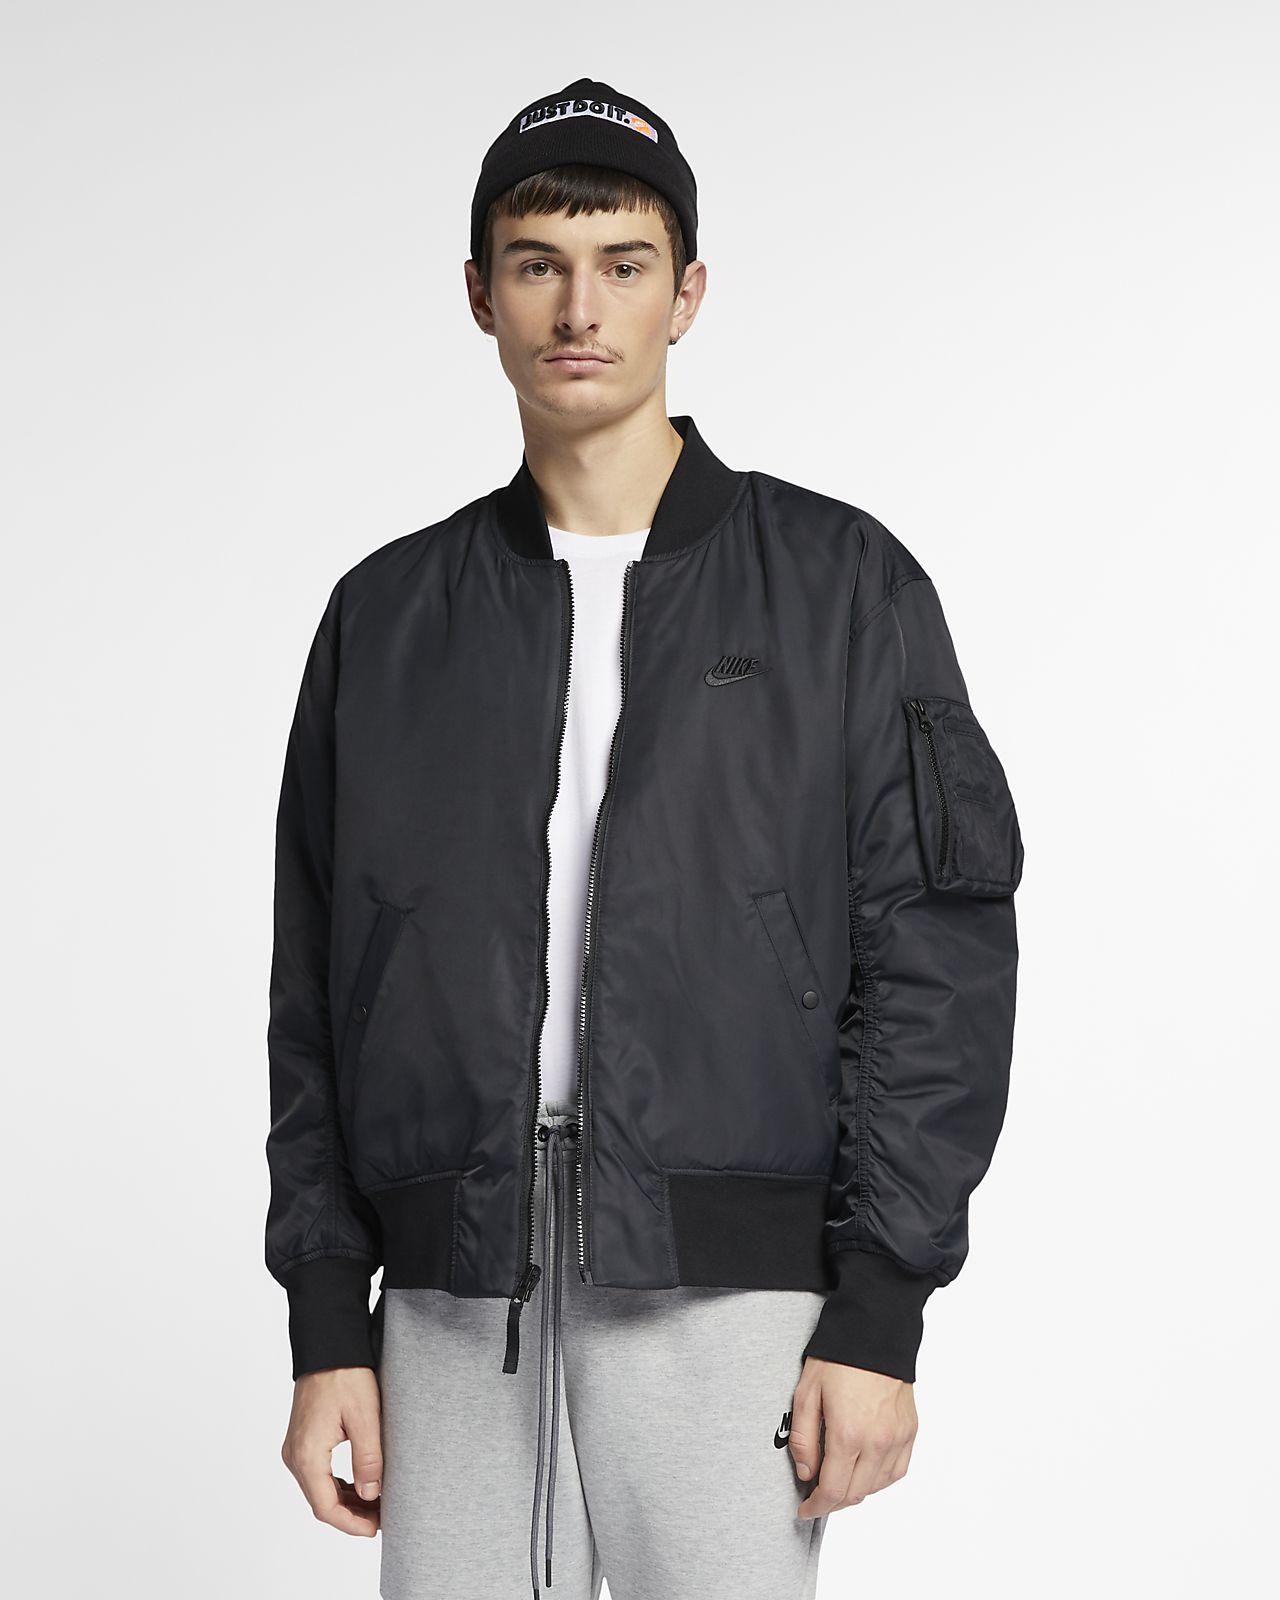 471a0fdee2fb Nike Sportswear Men s Reversible Bomber Jacket. Nike.com